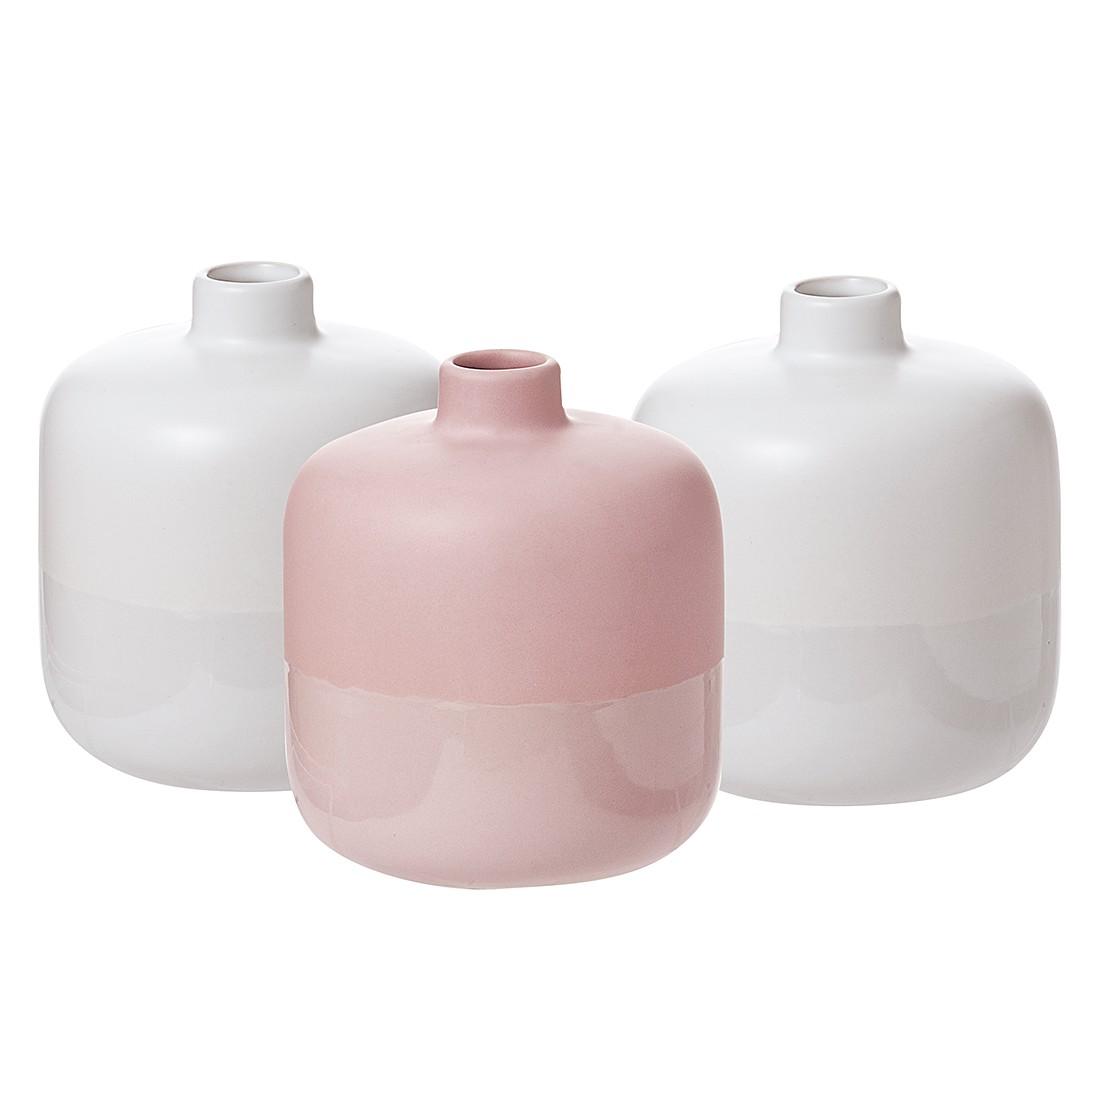 Vasen Rabat (3er-Set) – Keramik – Weiß/Pink, Present Time günstig